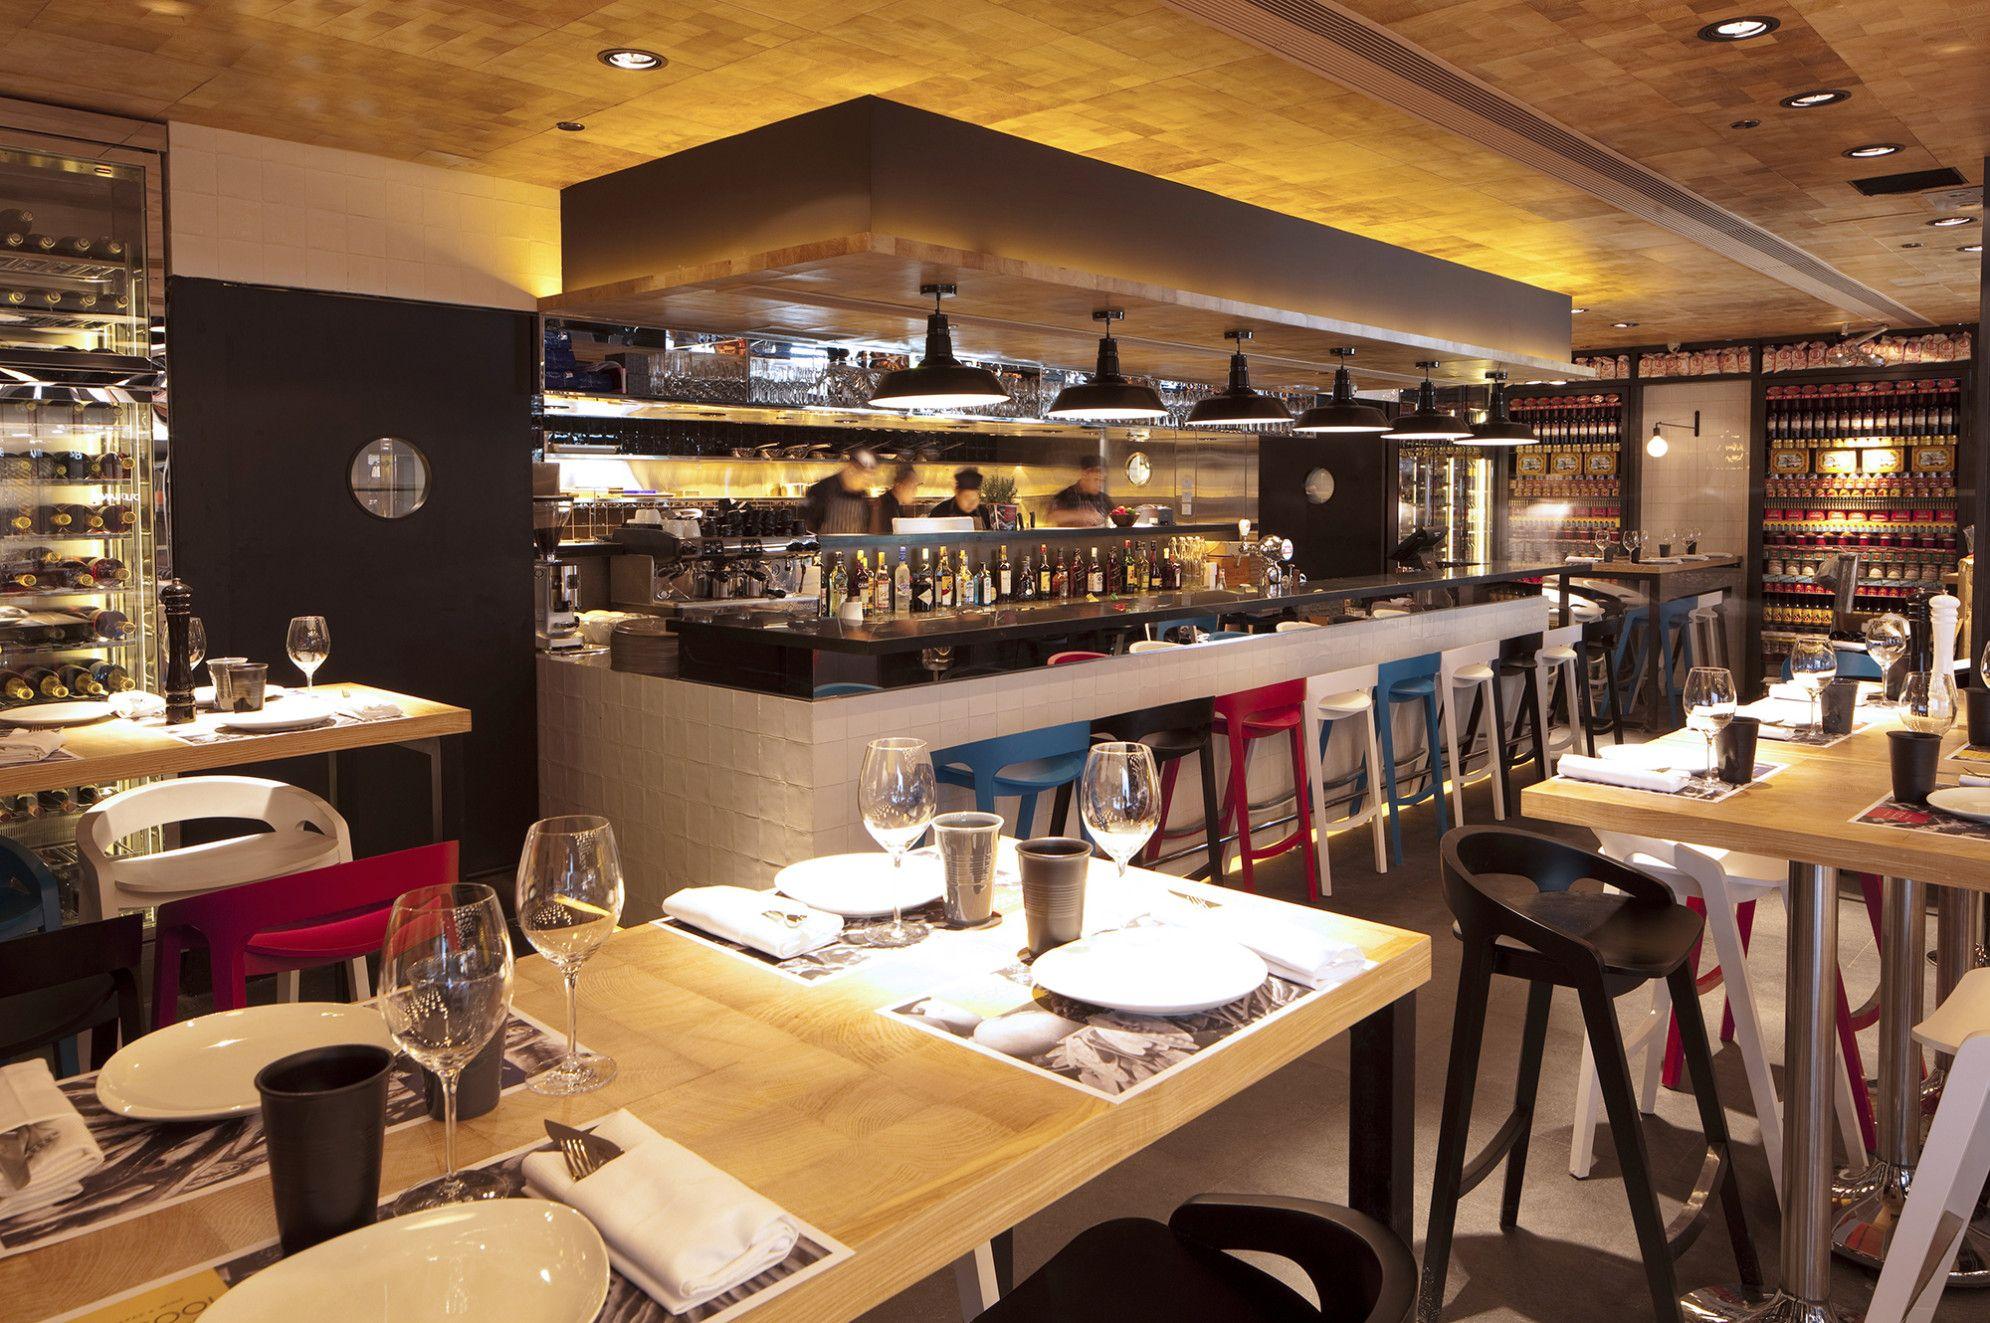 Onze 13x13 Cotto Wandtegels Gebruikt Voor De Bar Bavn Vi Cool Restaurant Design Hong Kong